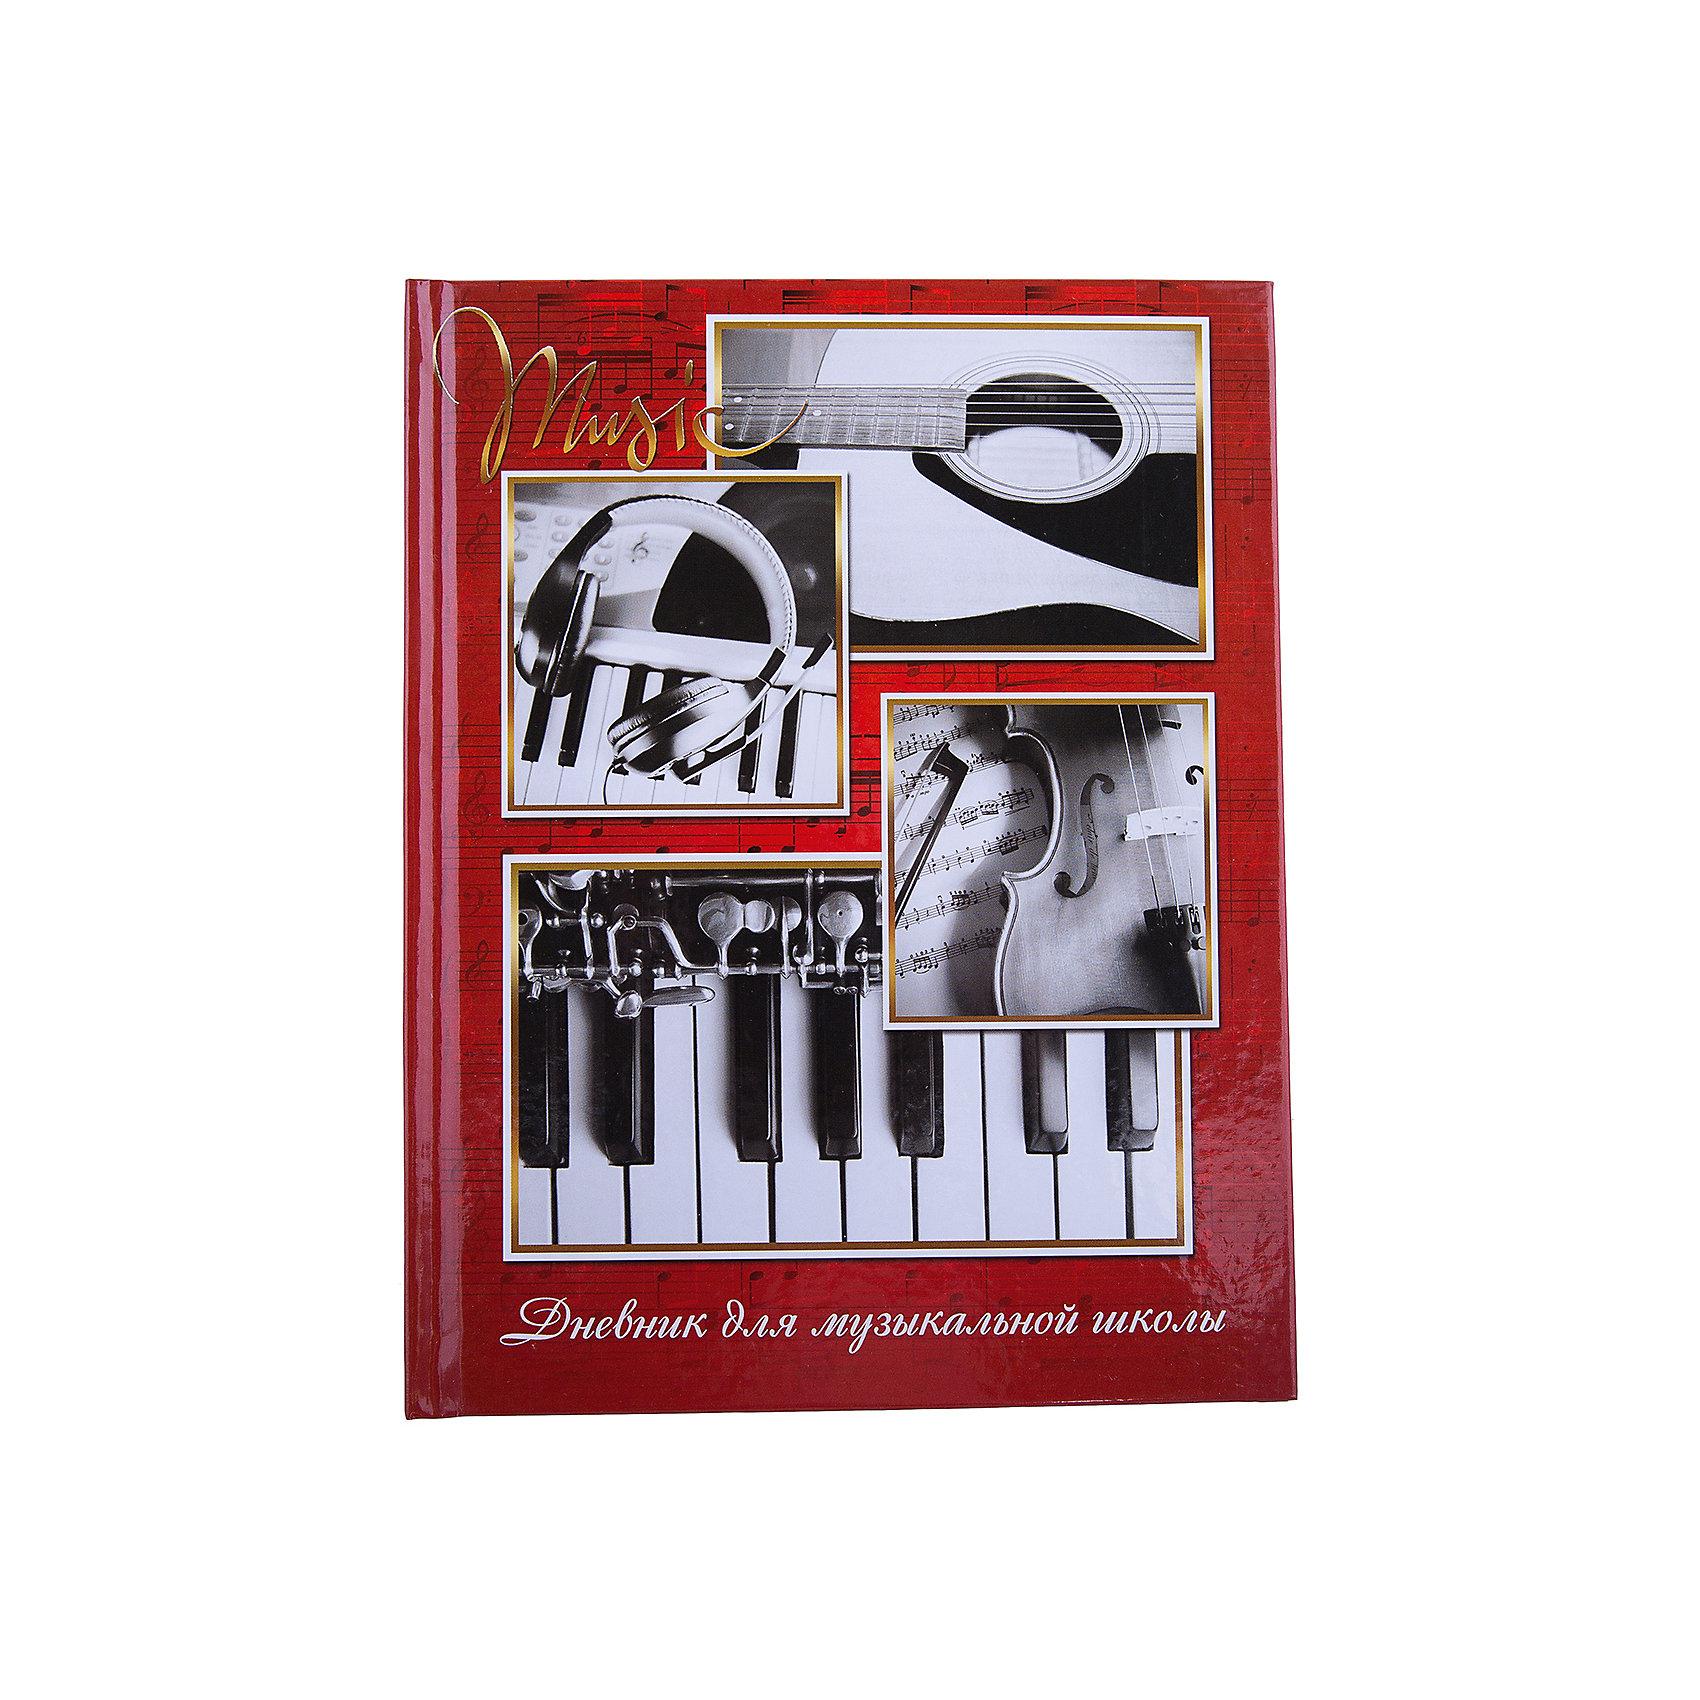 Дневник для музыкальной школы Инструменты, А5Занятия ребенка музыкой всегда требуют приобретения специализированных атрибутов. Так пусть они будут стильными и качественными! Ведь с ними учиться - намного приятней.<br>Дневник для музыкальной школы Инструменты - стандартного формата А5, в нем - 48 л. Обложка - из плотного картона с красивым рисунком. Листы скреплены книжным креплением, это очень удобно и прочно. Дневник содержит полезный информационный блок. Изделие произведено из качественных и безопасных для ребенка материалов.<br><br>Дополнительная информация:<br><br>цвет: разноцветный;<br>формат: А5;<br>48 листов;<br>обложка: картон;<br>крепление: книжной;<br>есть информационный блок.<br><br>Дневник для музыкальной школы Инструменты, А5 можно купить в нашем магазине.<br><br>Ширина мм: 215<br>Глубина мм: 170<br>Высота мм: 10<br>Вес г: 225<br>Возраст от месяцев: 36<br>Возраст до месяцев: 2147483647<br>Пол: Унисекс<br>Возраст: Детский<br>SKU: 4746269